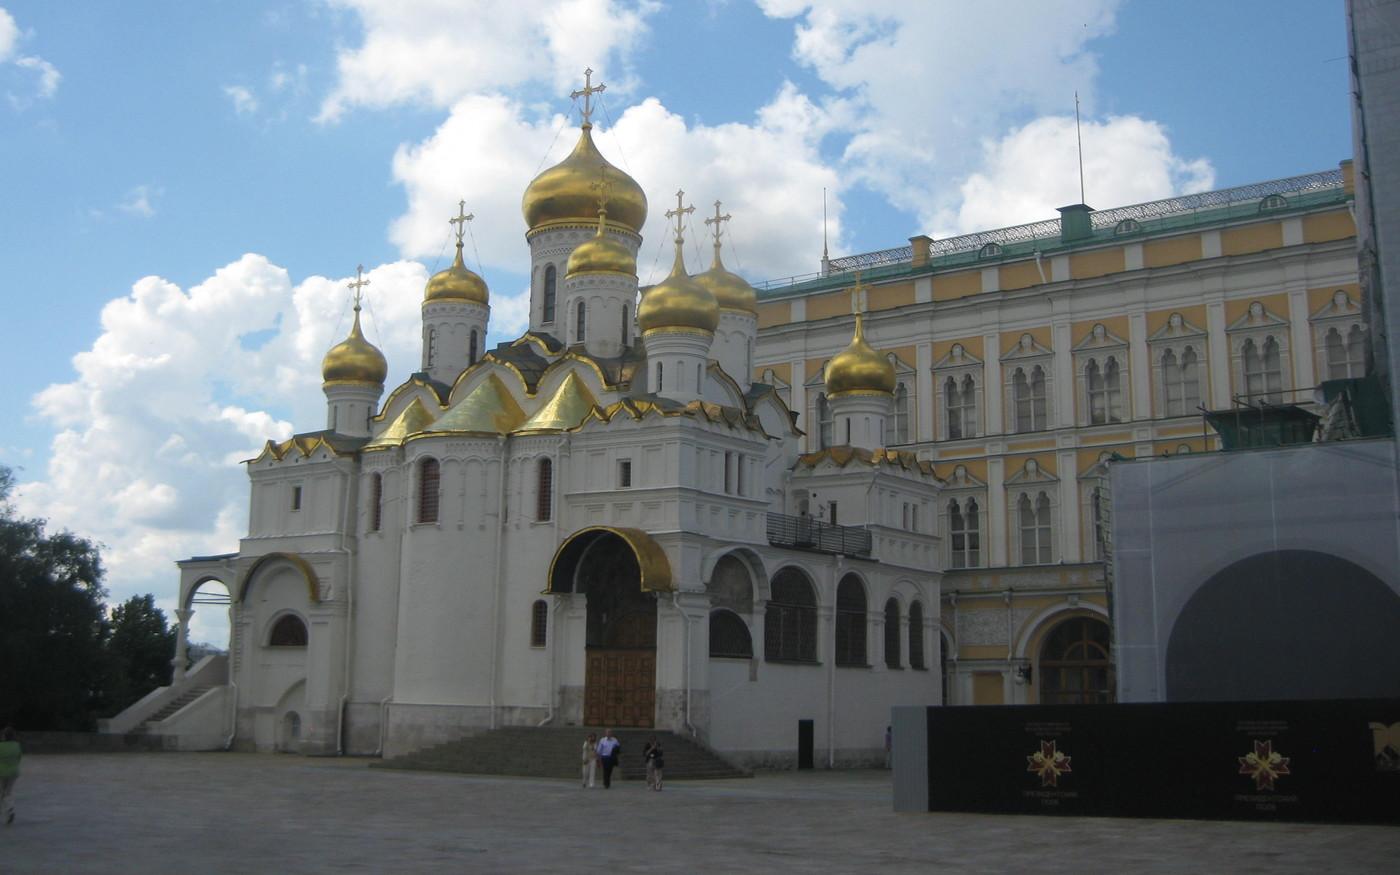 Mariä-Verkündigungs-Kathedrale auf dem Moskauer Kreml